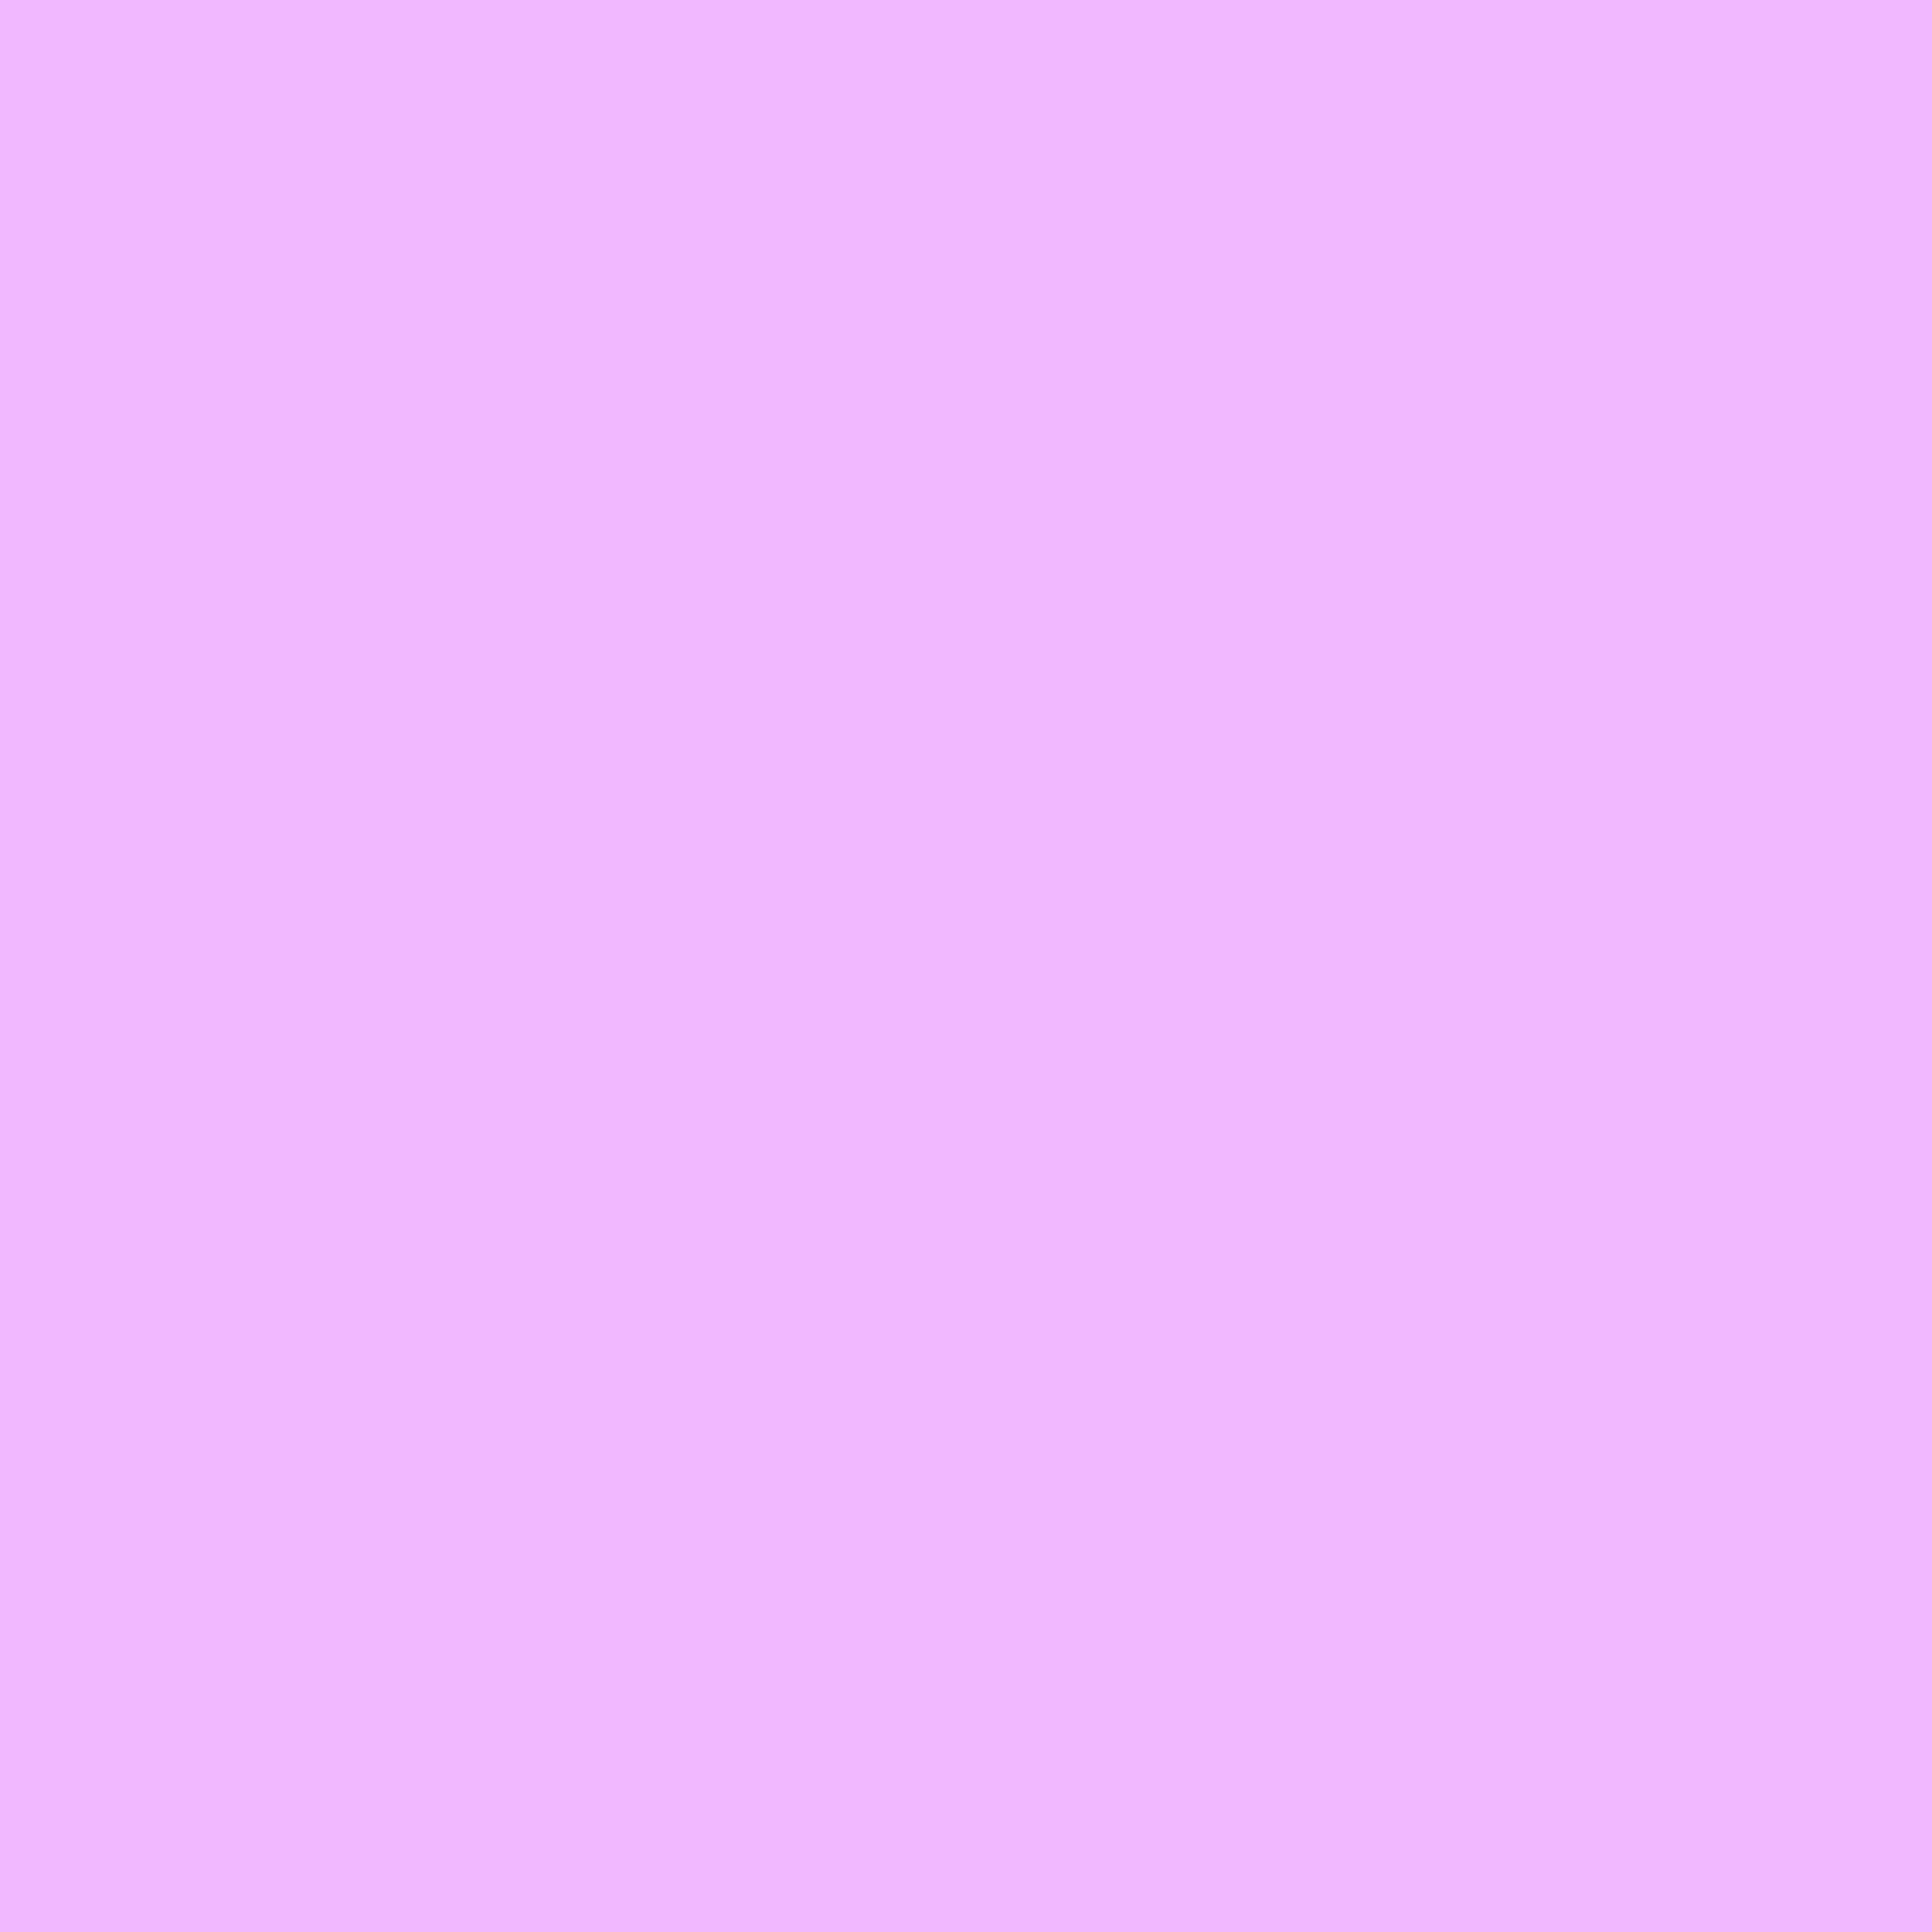 背景 パステル カラー